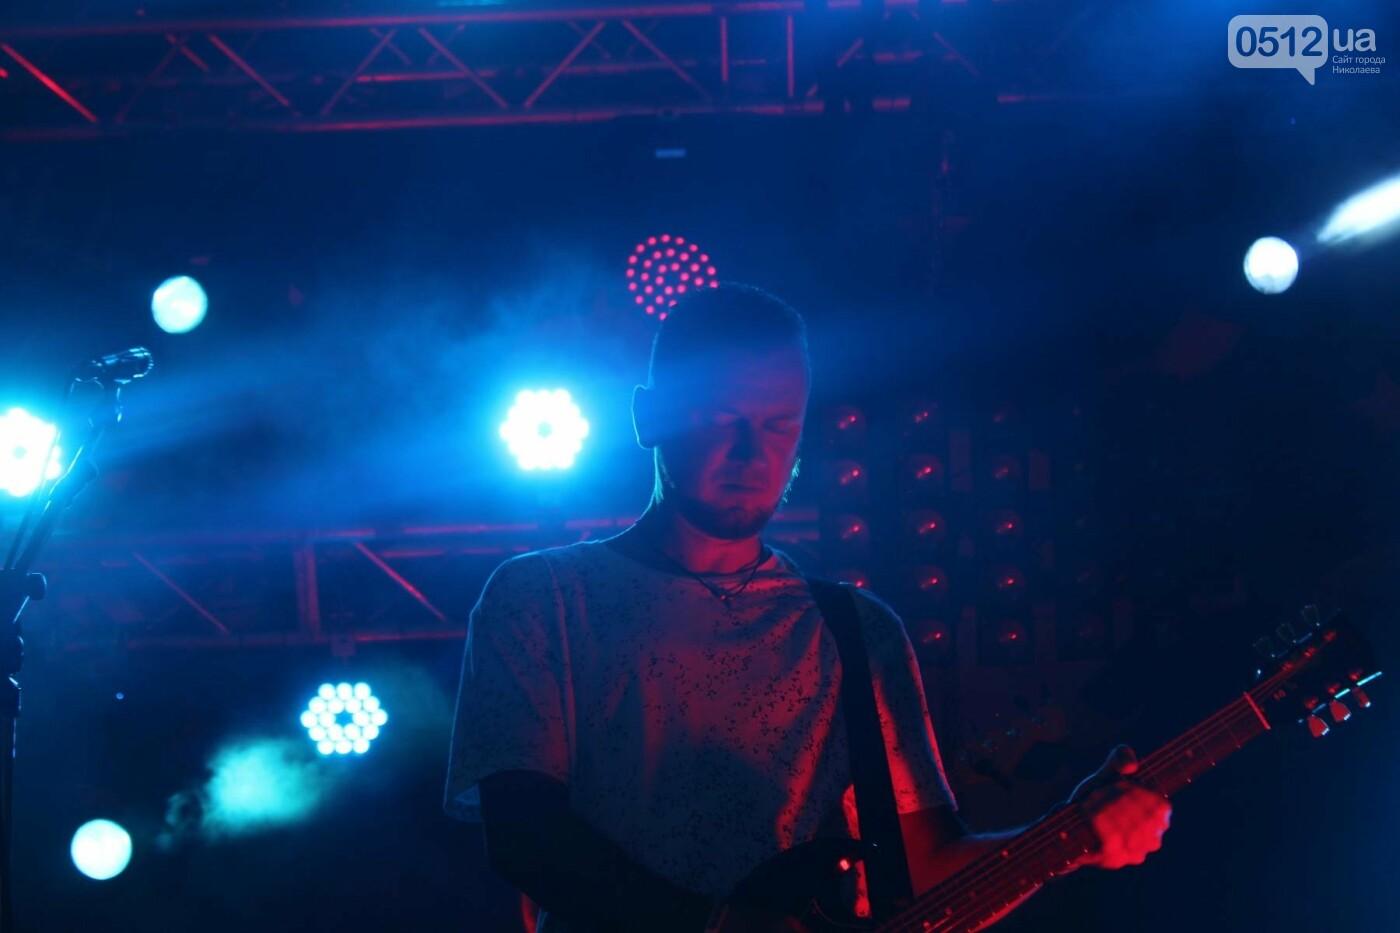 """Группа """"Без обмежень"""" сыграла громкий концерт в Николаеве - ФОТОРЕПОРТАЖ, ВИДЕО , фото-2"""